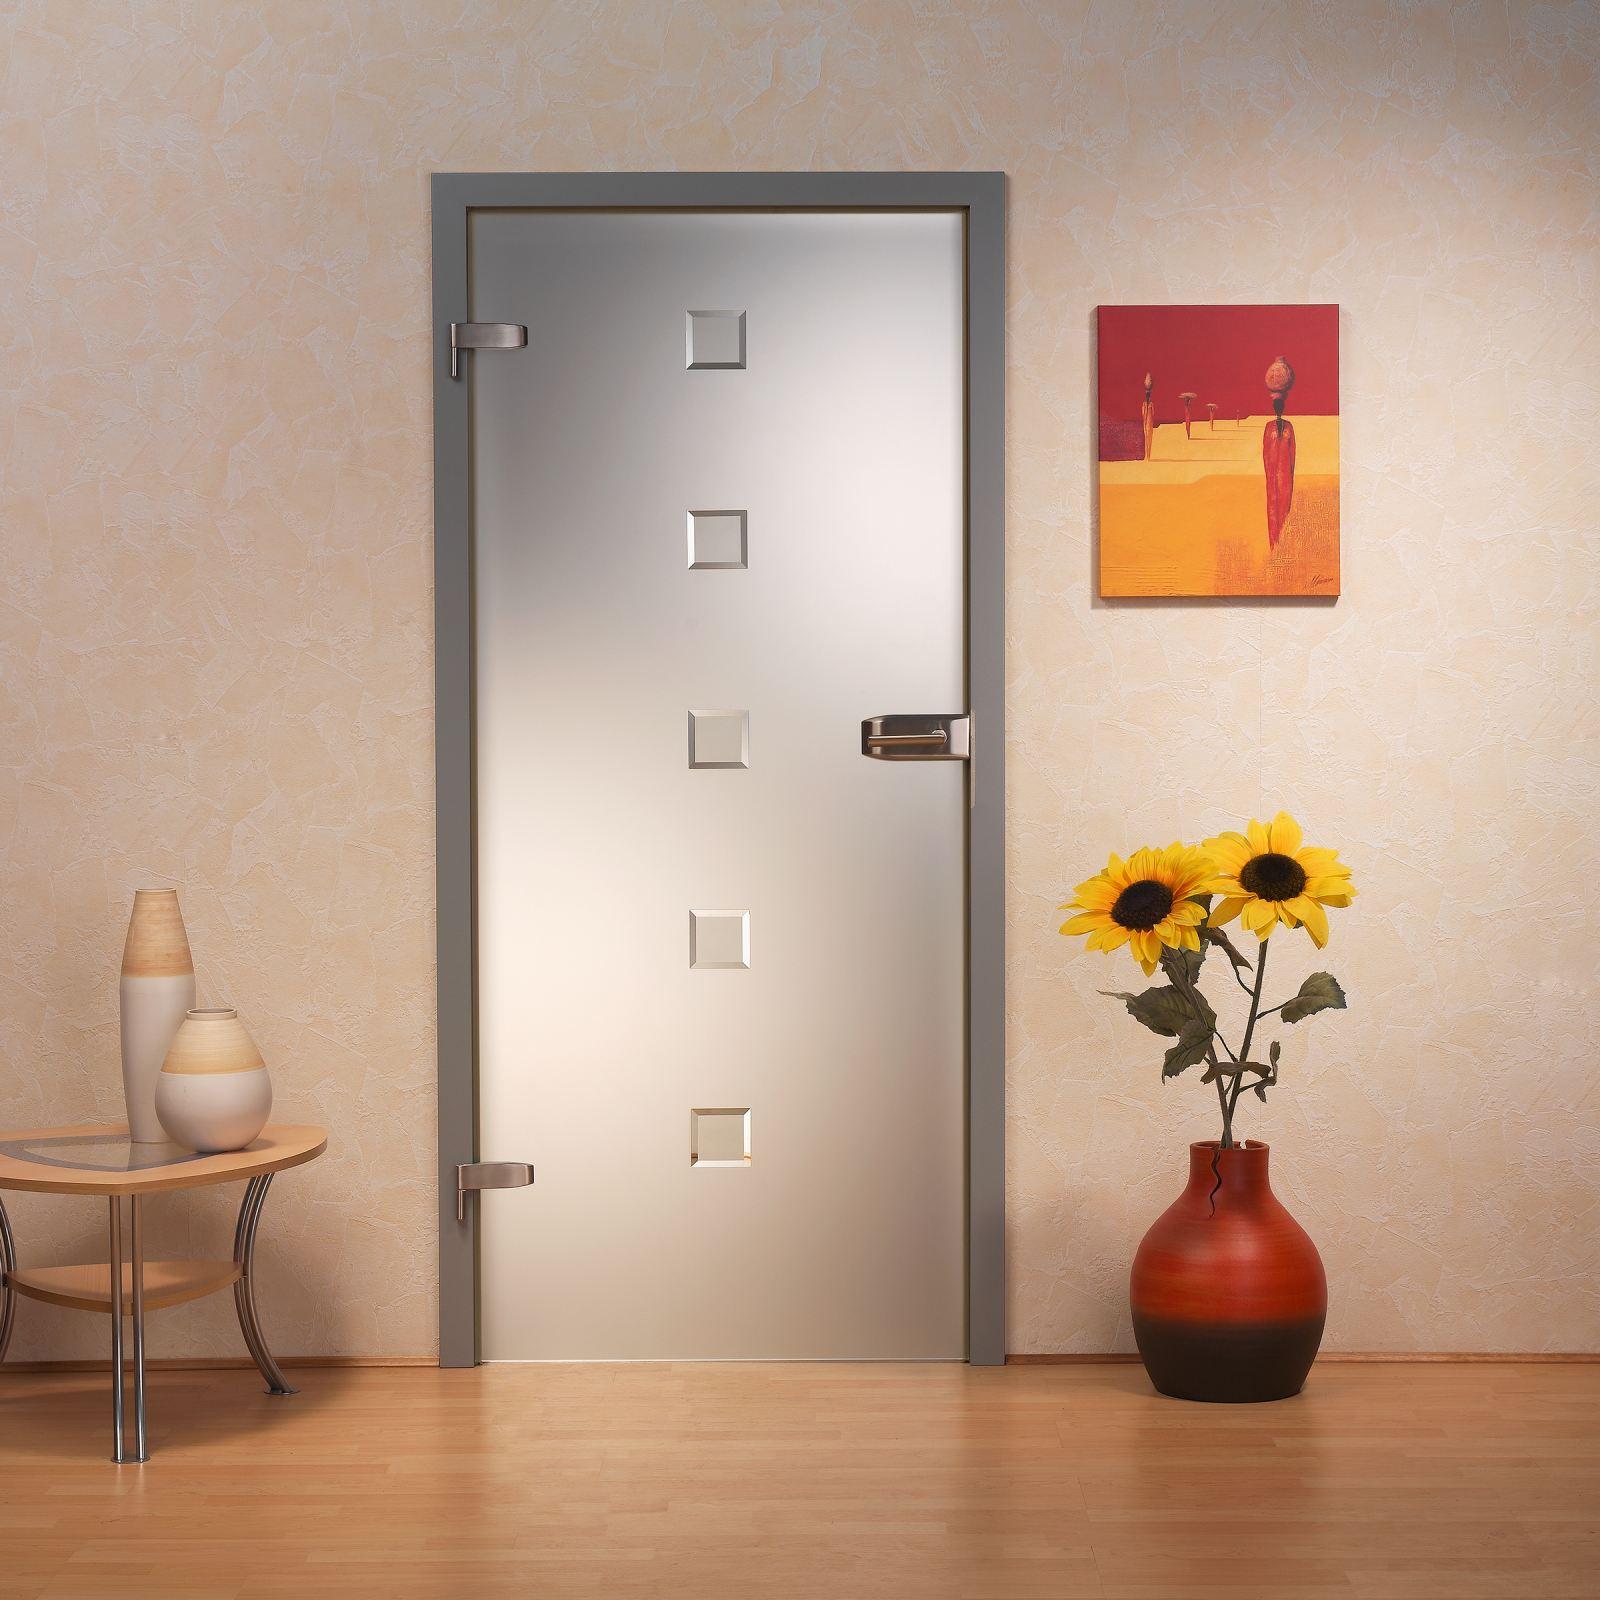 ganzglast r glast r t r innent r ganzglast ren t ren zimmert ren gs 243 s ebay. Black Bedroom Furniture Sets. Home Design Ideas